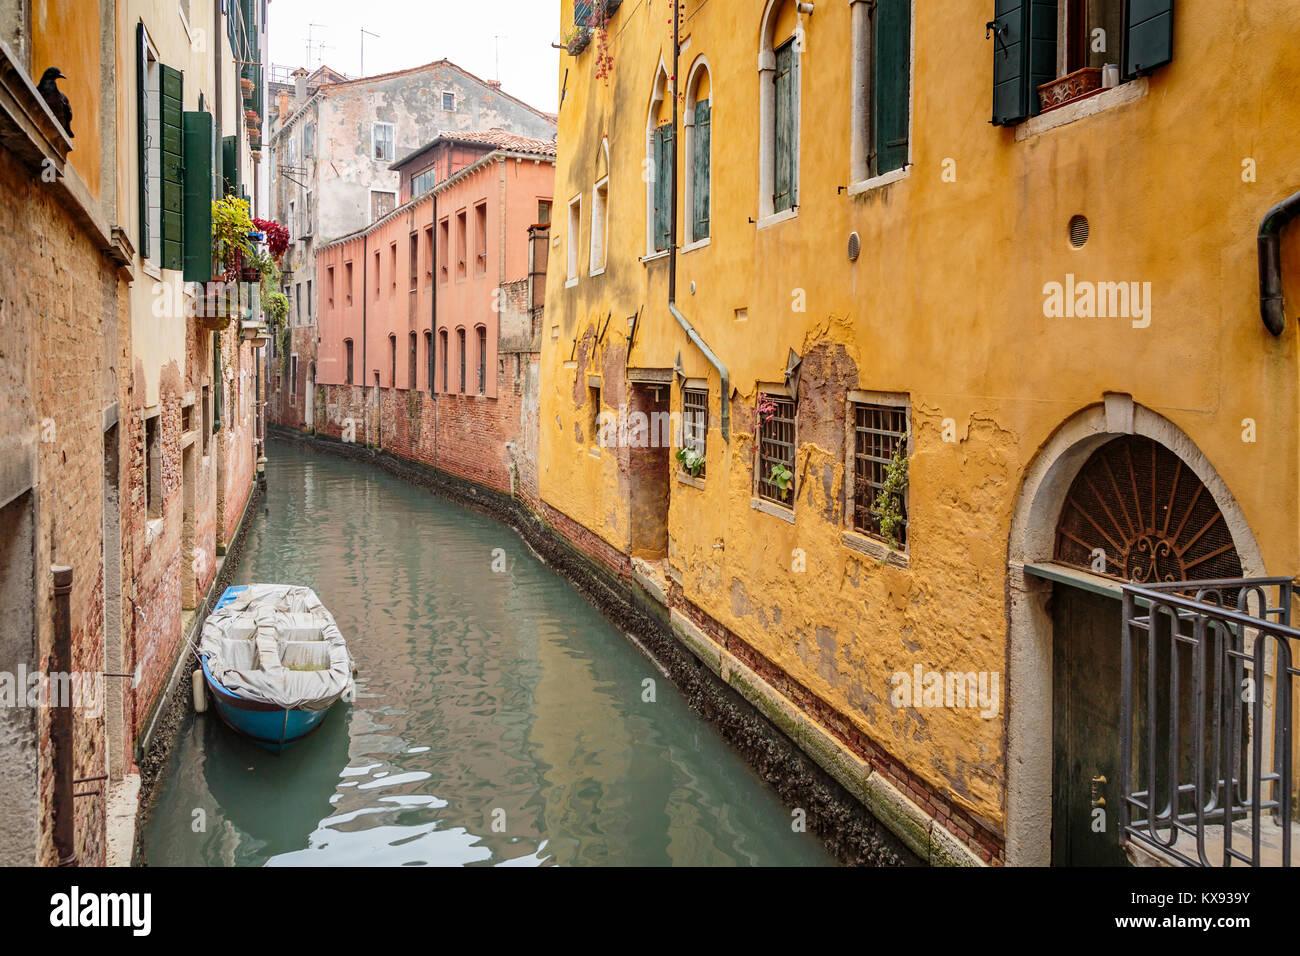 Ein kleiner Kanal in Venedig, Italien, Europa. Stockbild